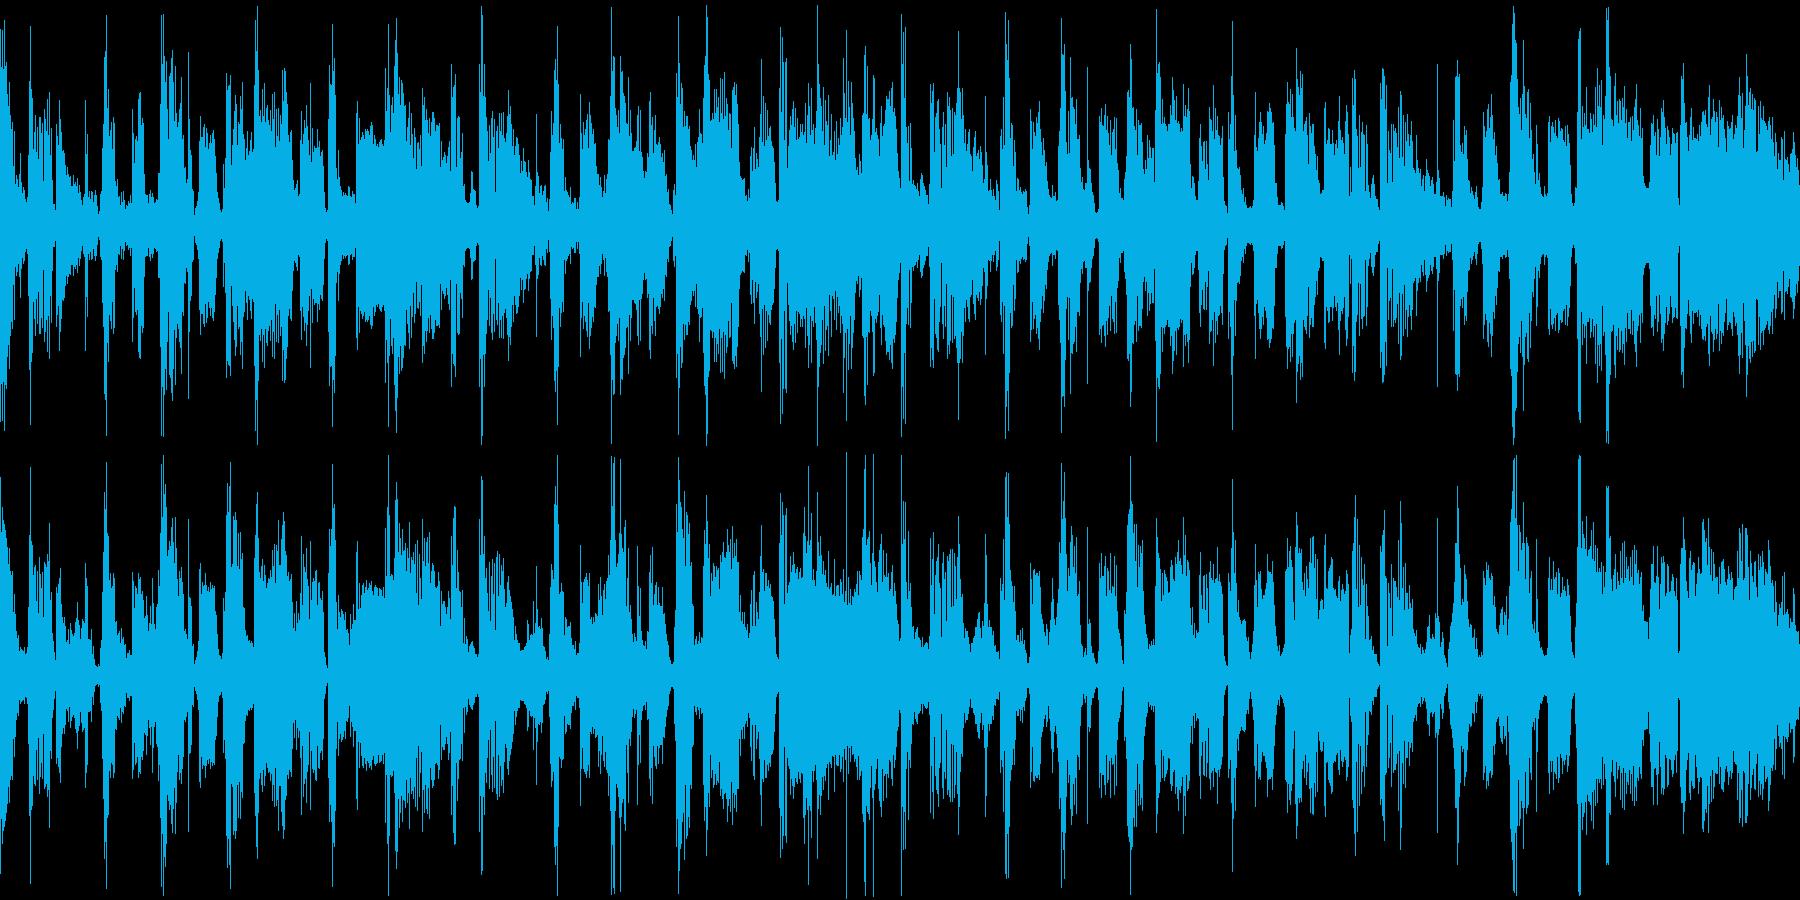 クールでゆったりした印象のベースジングルの再生済みの波形